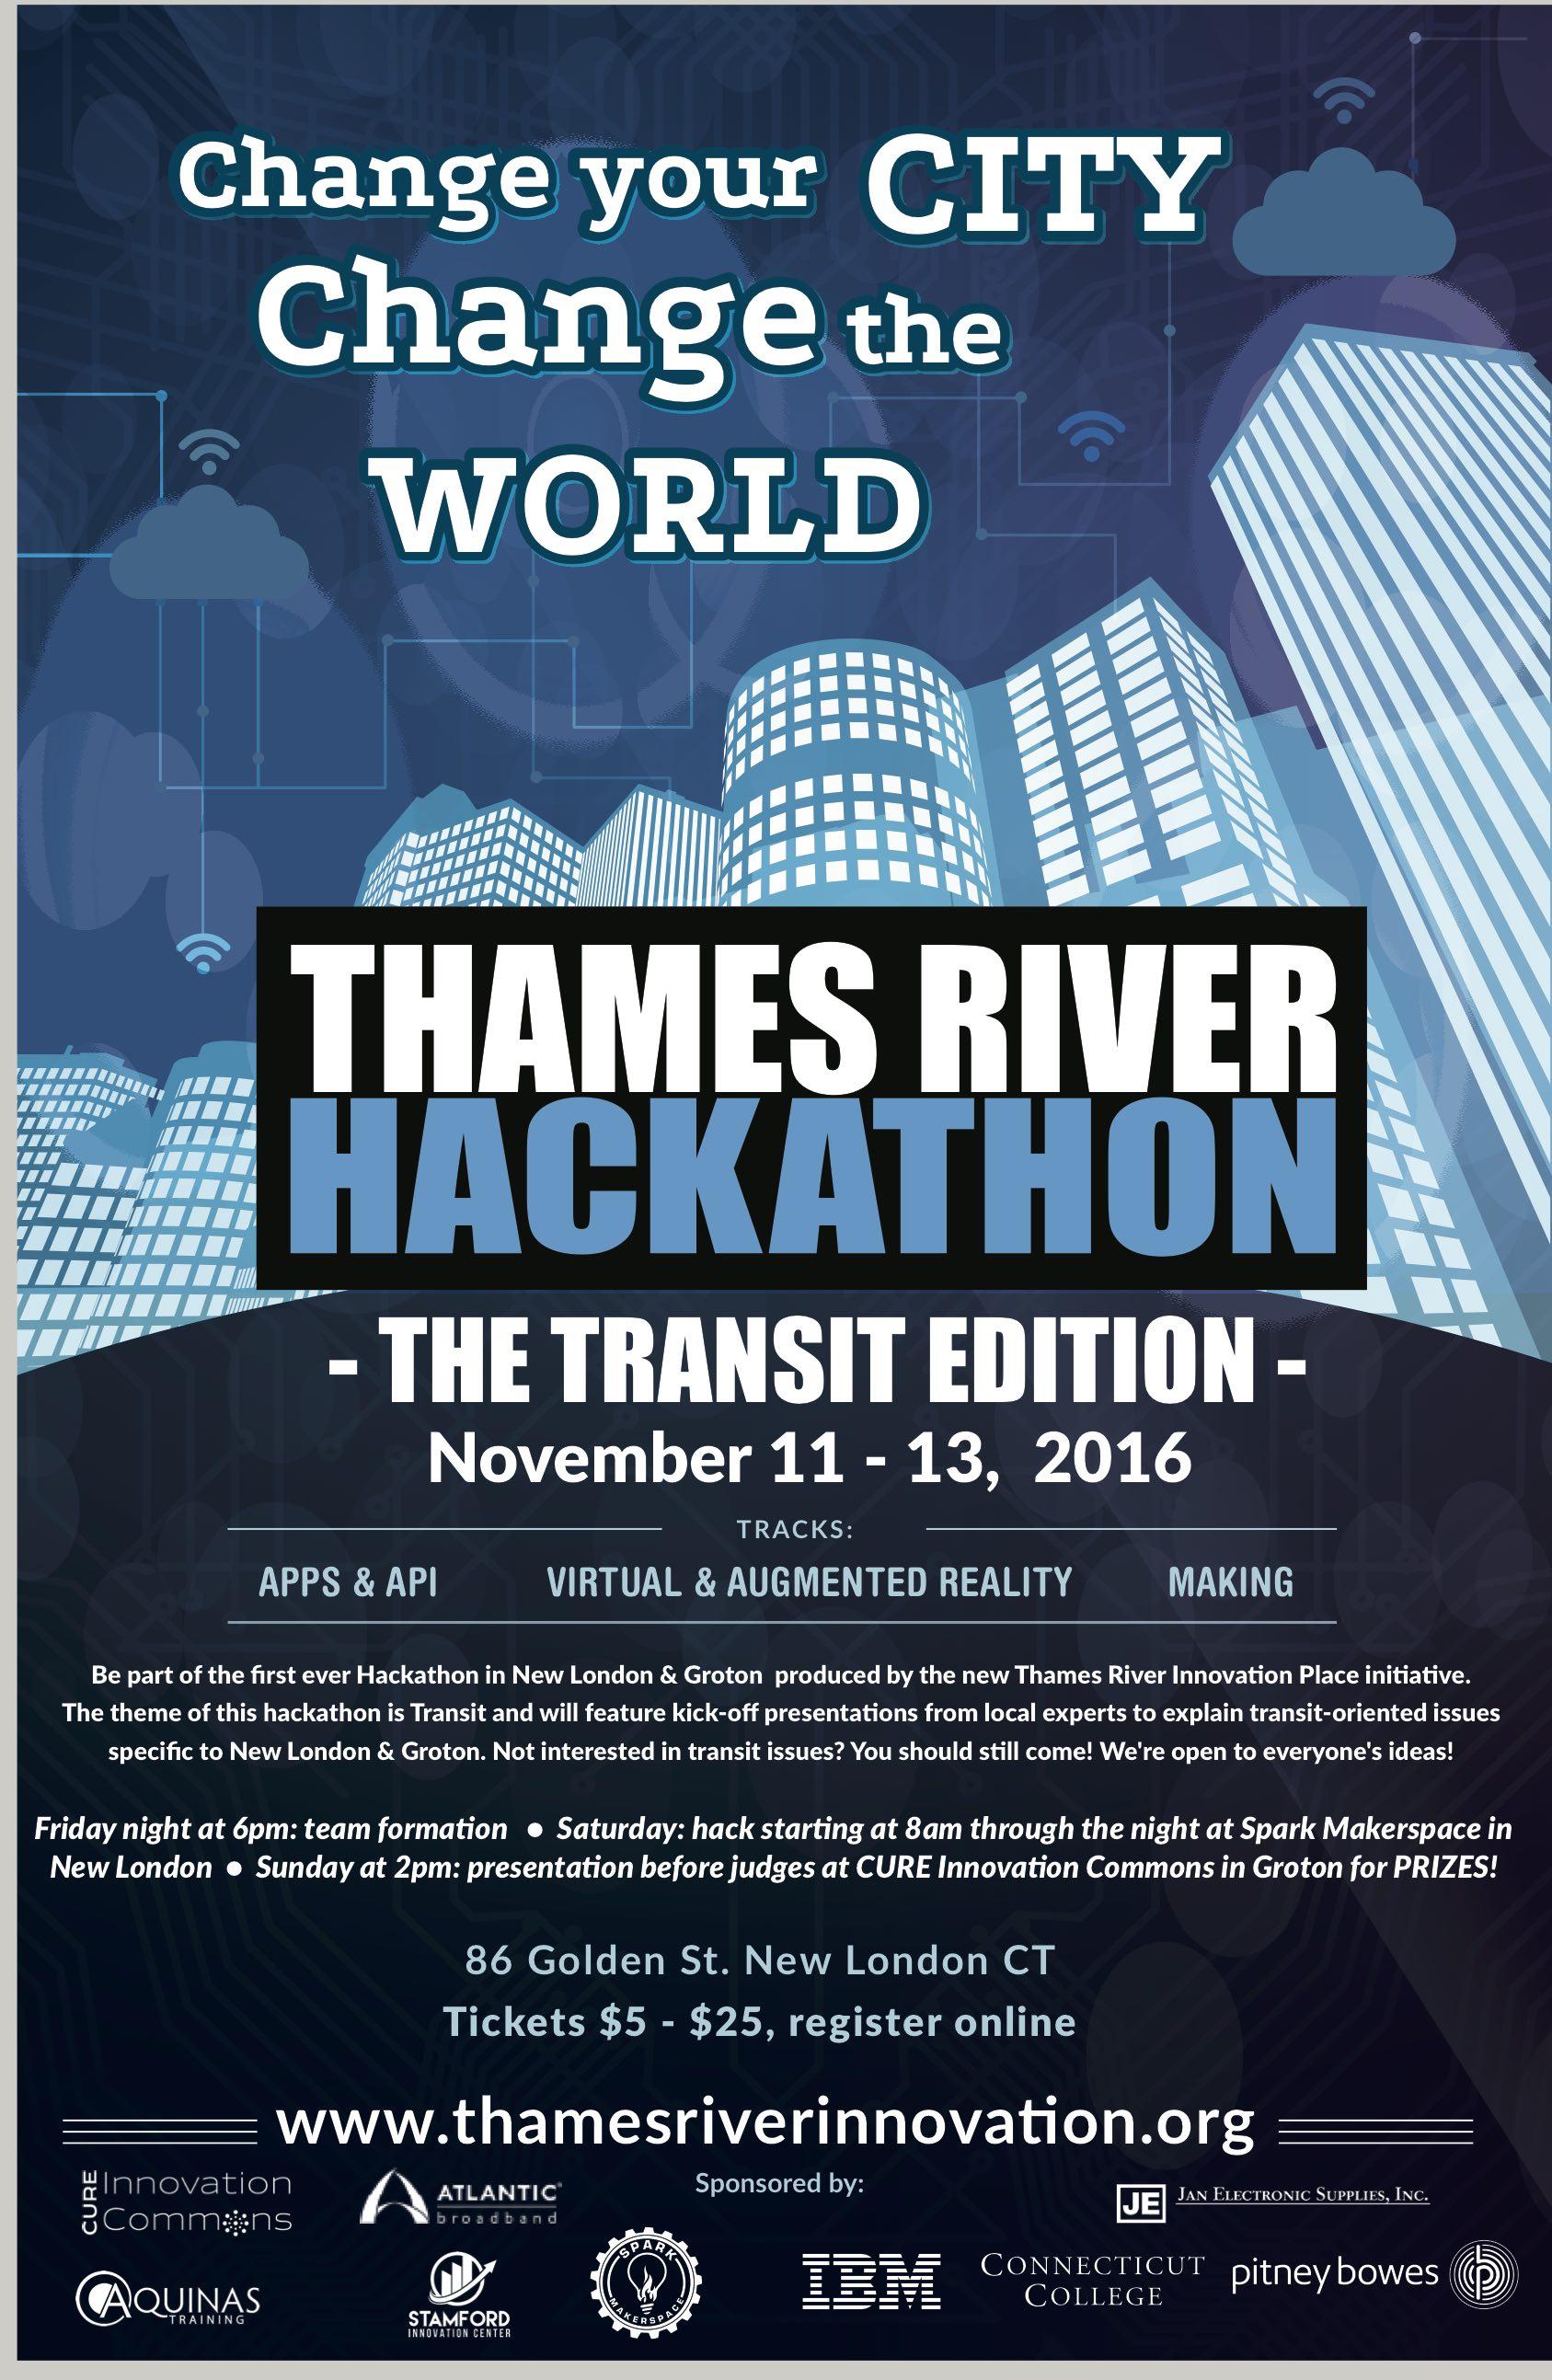 Thames_River_Hackathon_poster.jpg